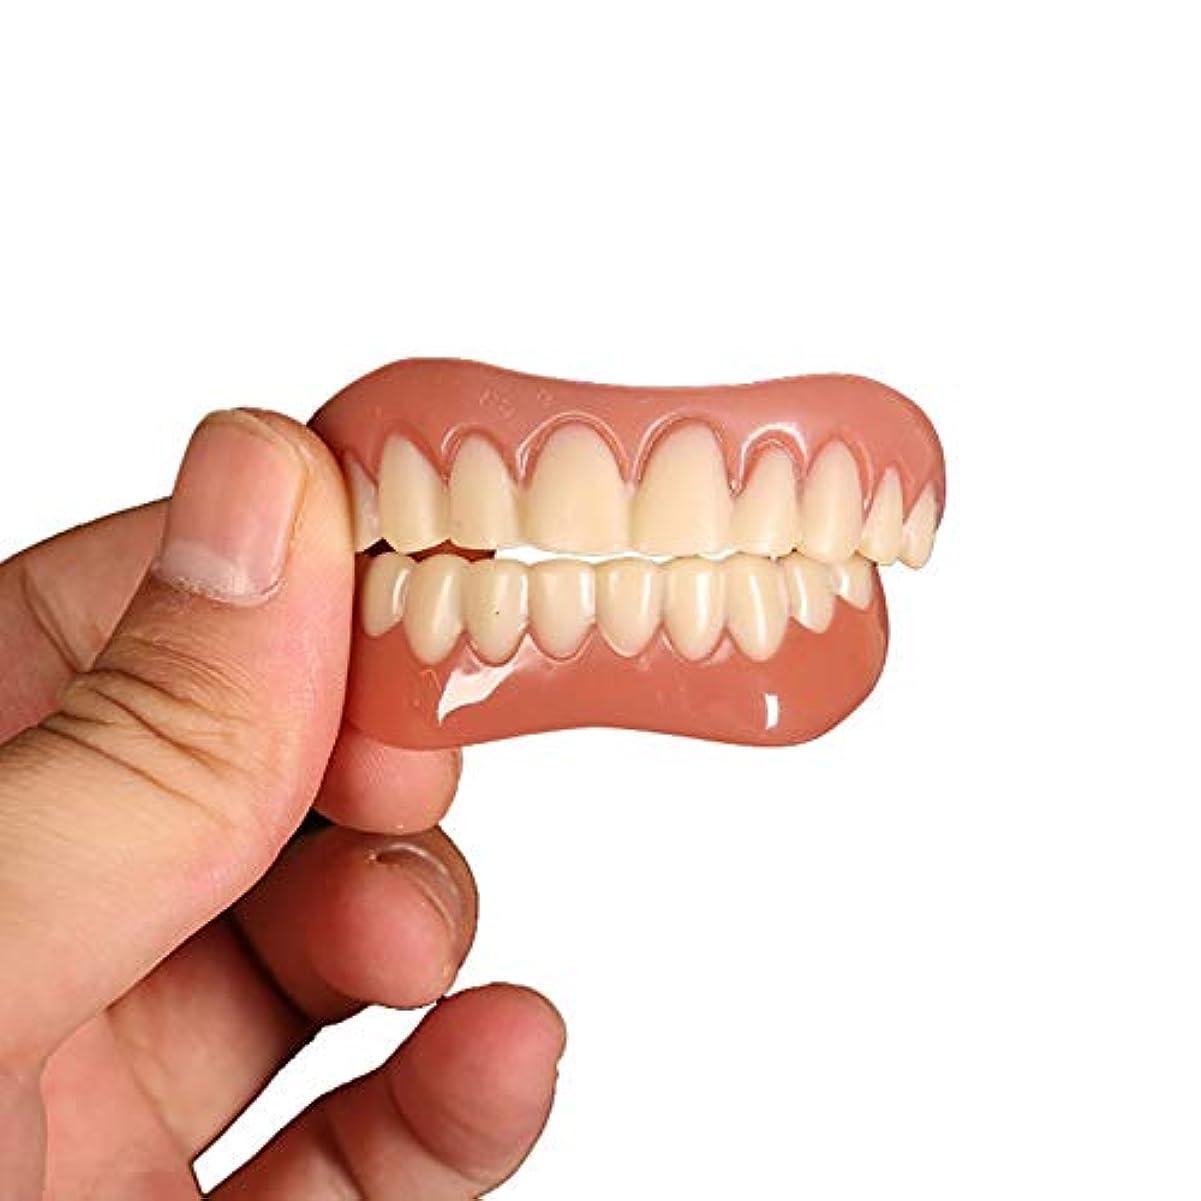 軍艦文明化反発する歯科用化粧板の快適さフィット歯の上部と底部化粧品の化粧板単サイズはすべての義歯接着剤の歯に入れます偽の義歯歯の笑顔